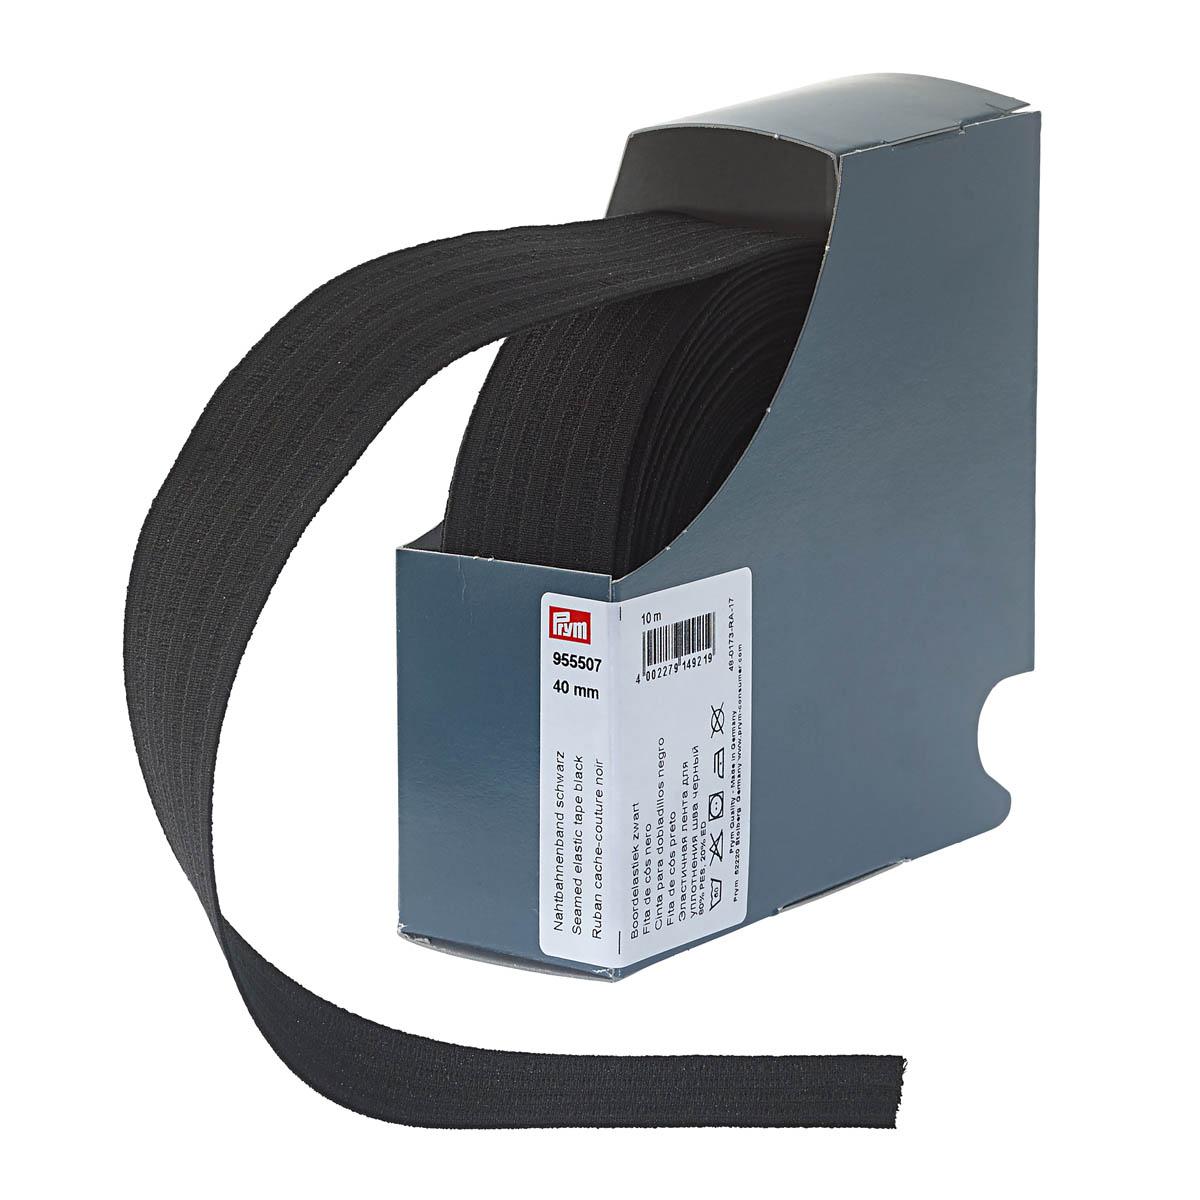 955507 Эластичная лента для уплотнения шва 40 мм черный цв. Prym